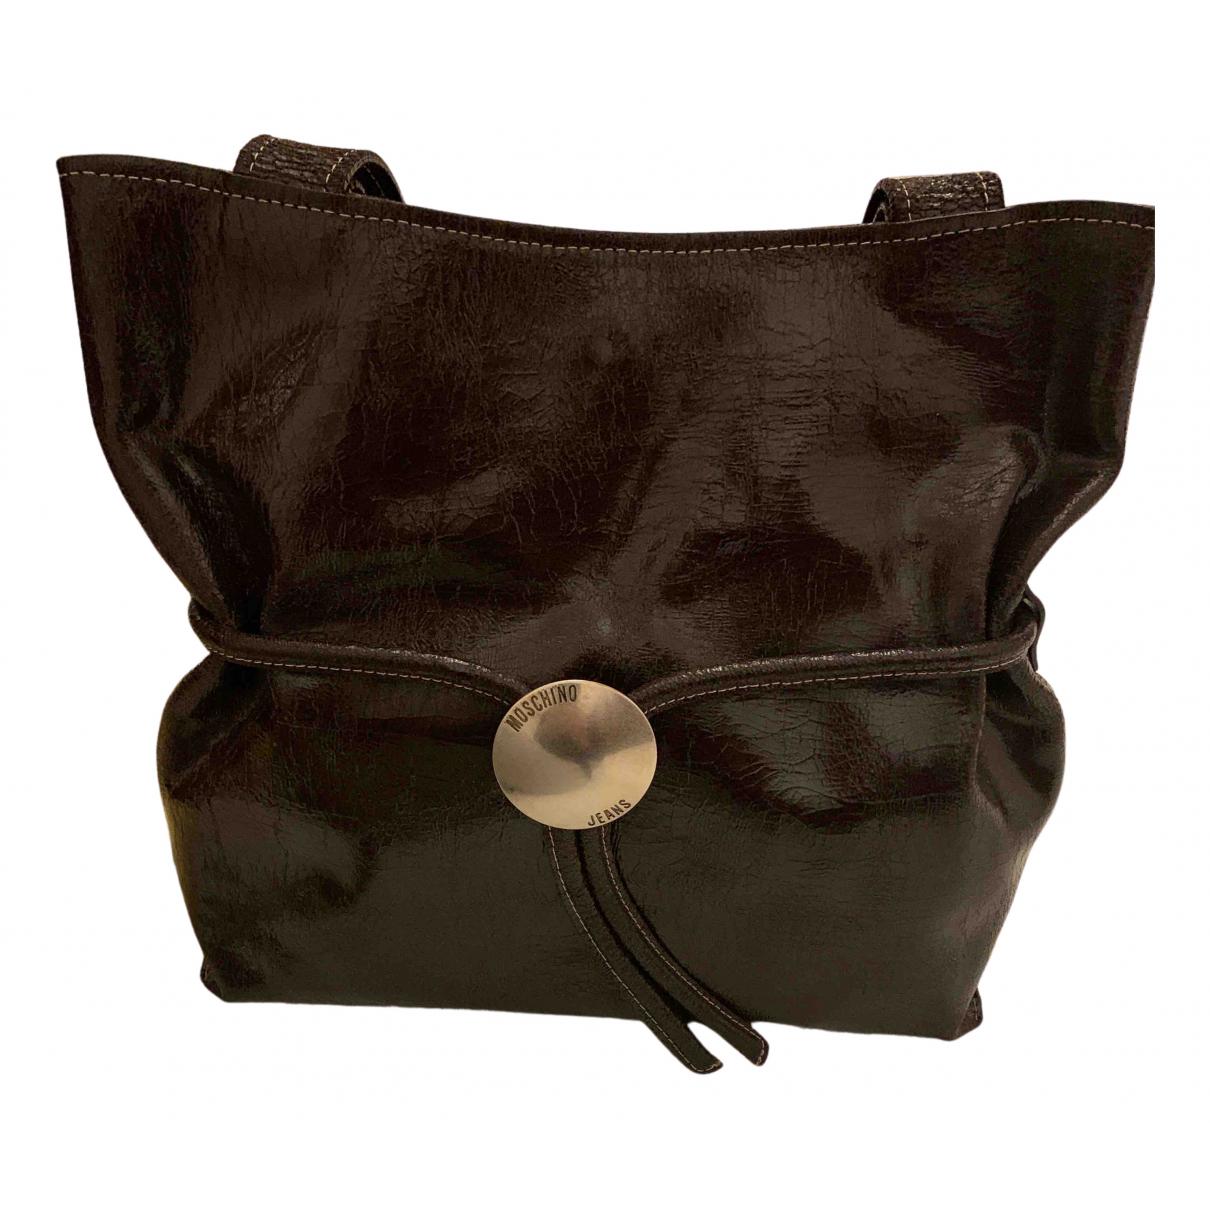 Moschino \N Handtasche in  Braun Leder